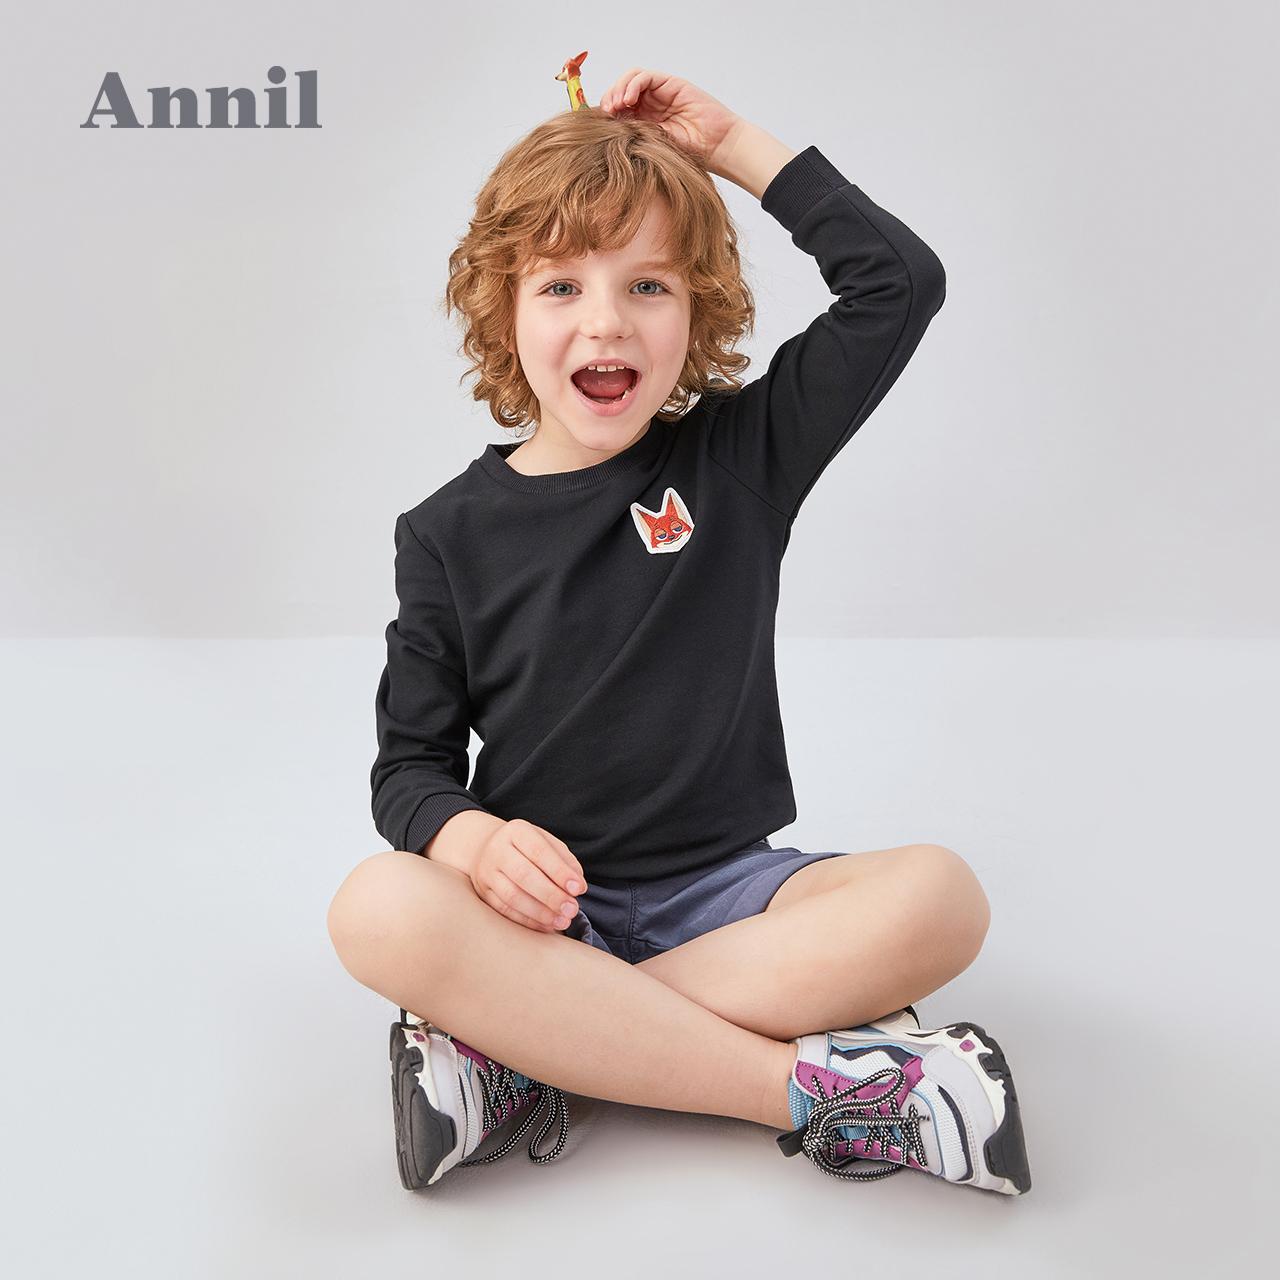 安奈儿童装男童卫衣2020秋冬新款迪士尼疯狂动物城T恤宽松套头衫 - 图2